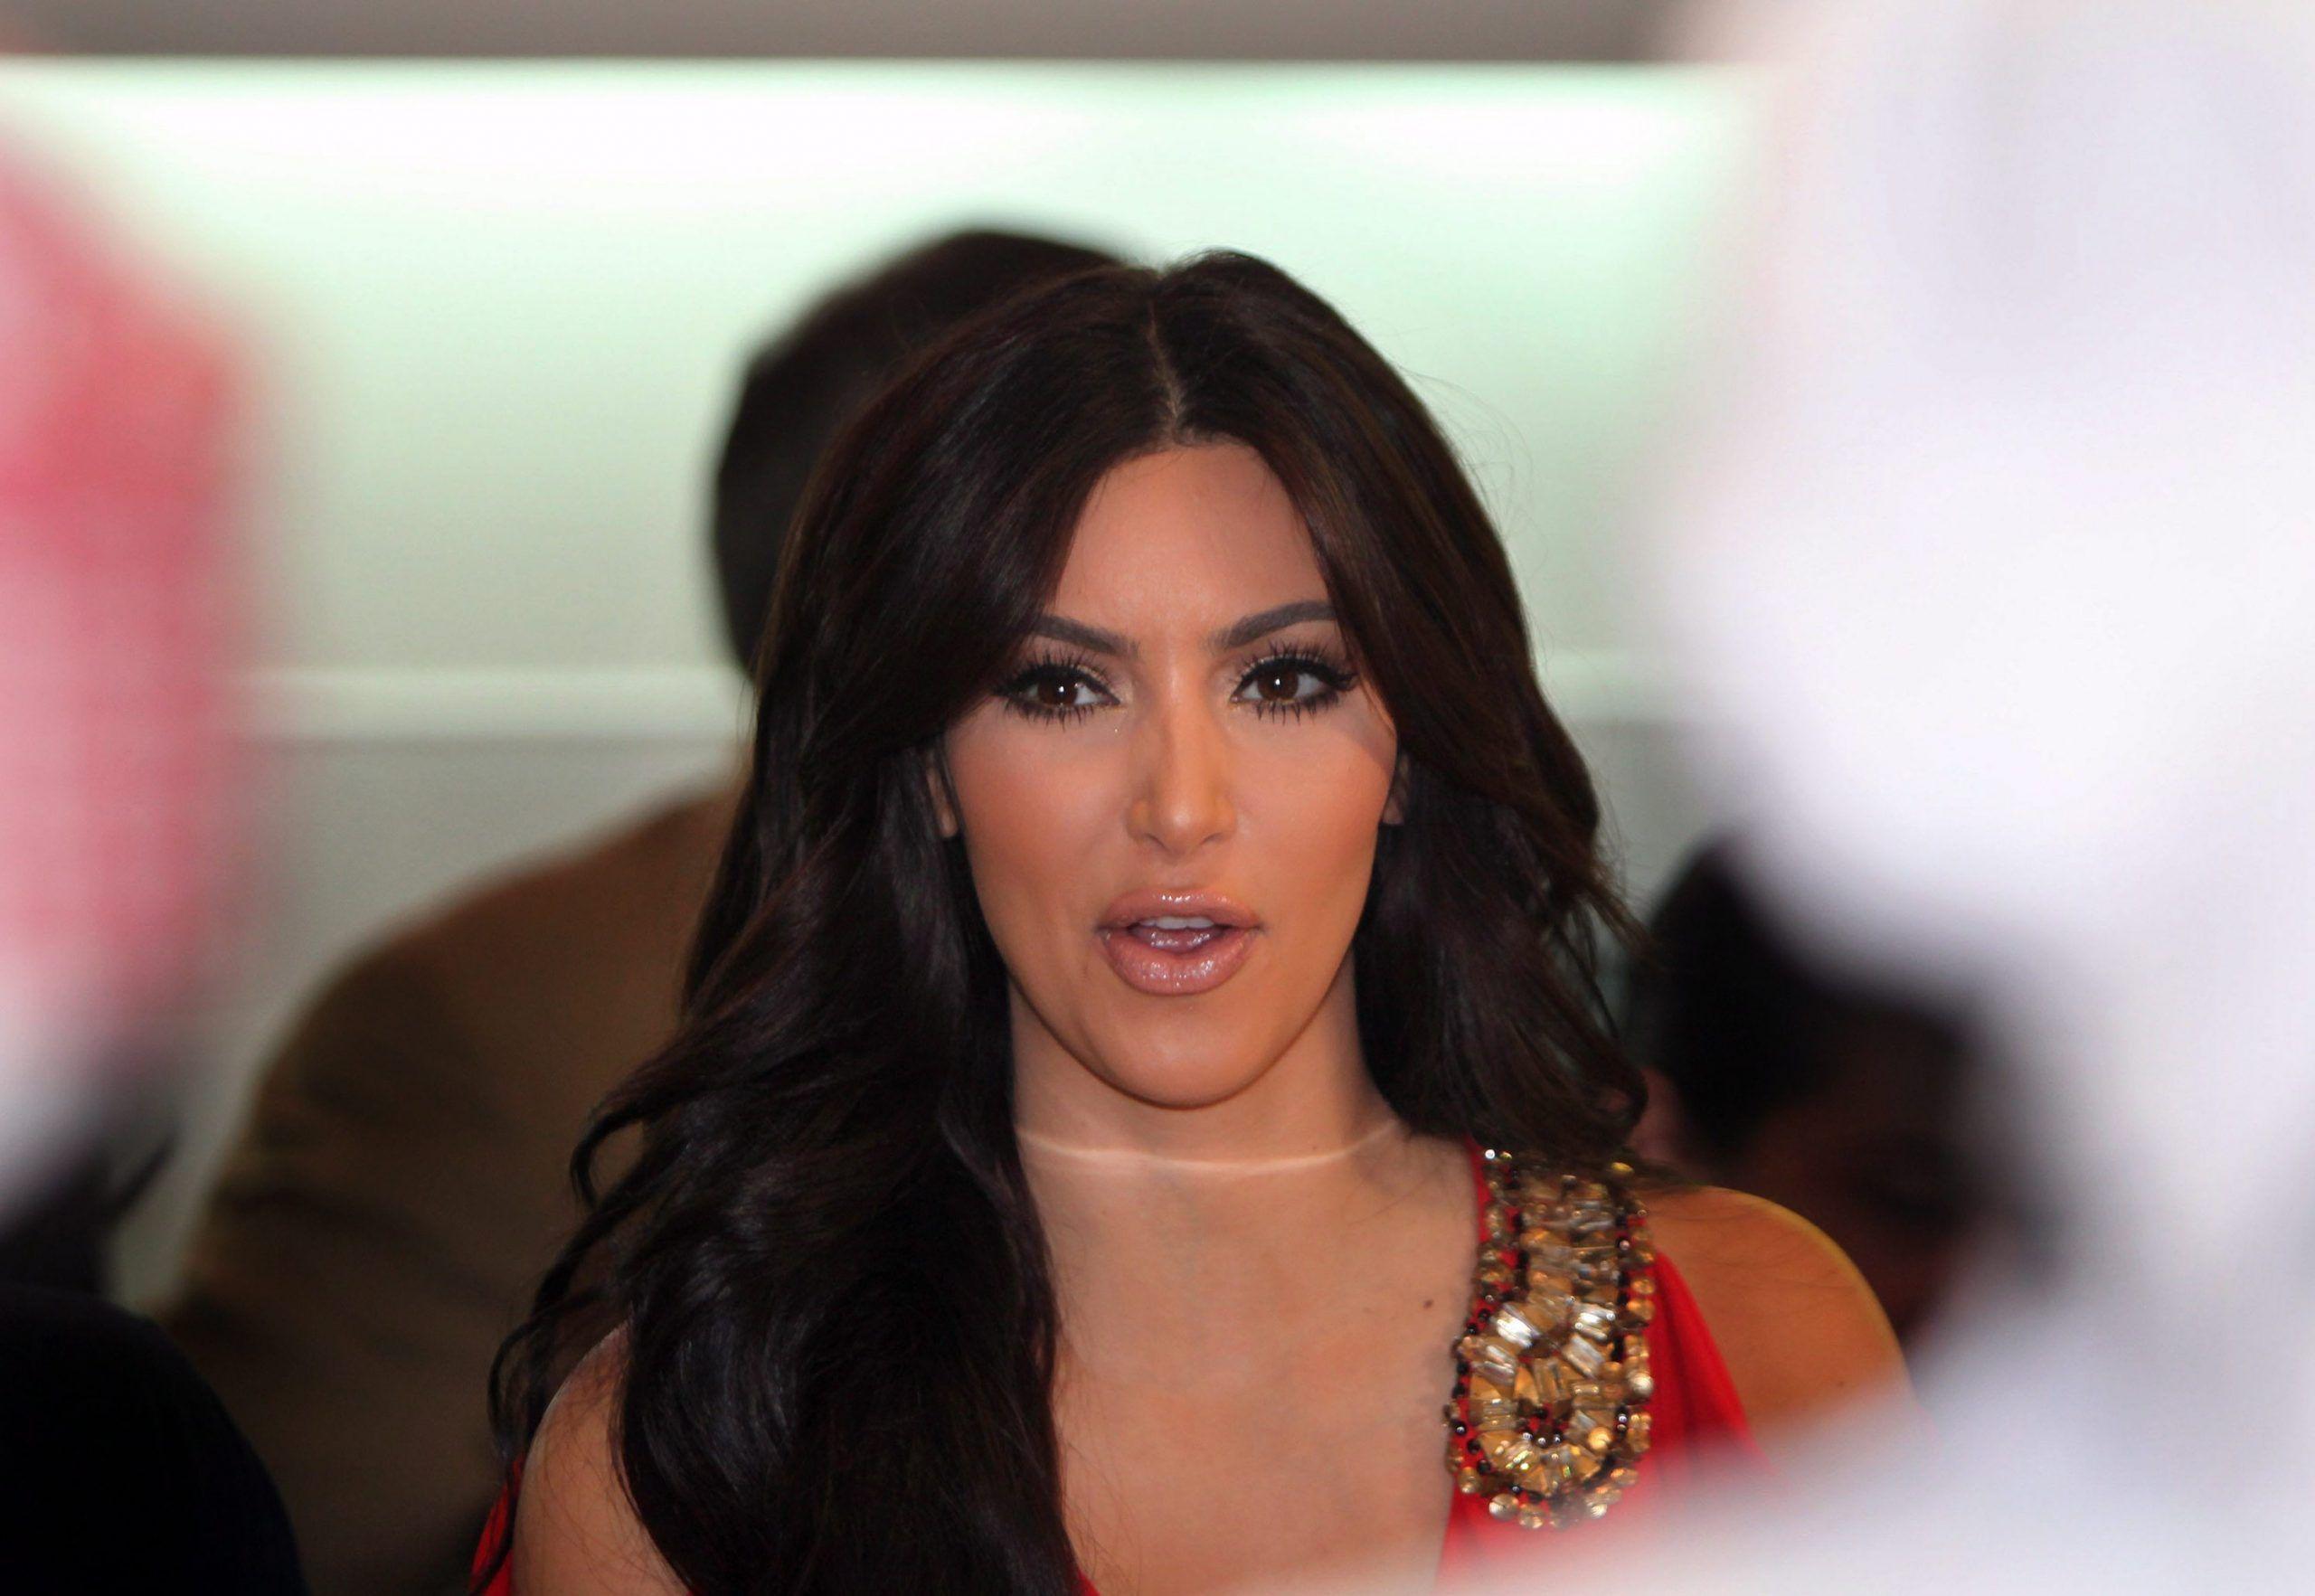 Kim Kardashian accusata di aver modificato con photoshop il corpo della figlia per renderla più magra